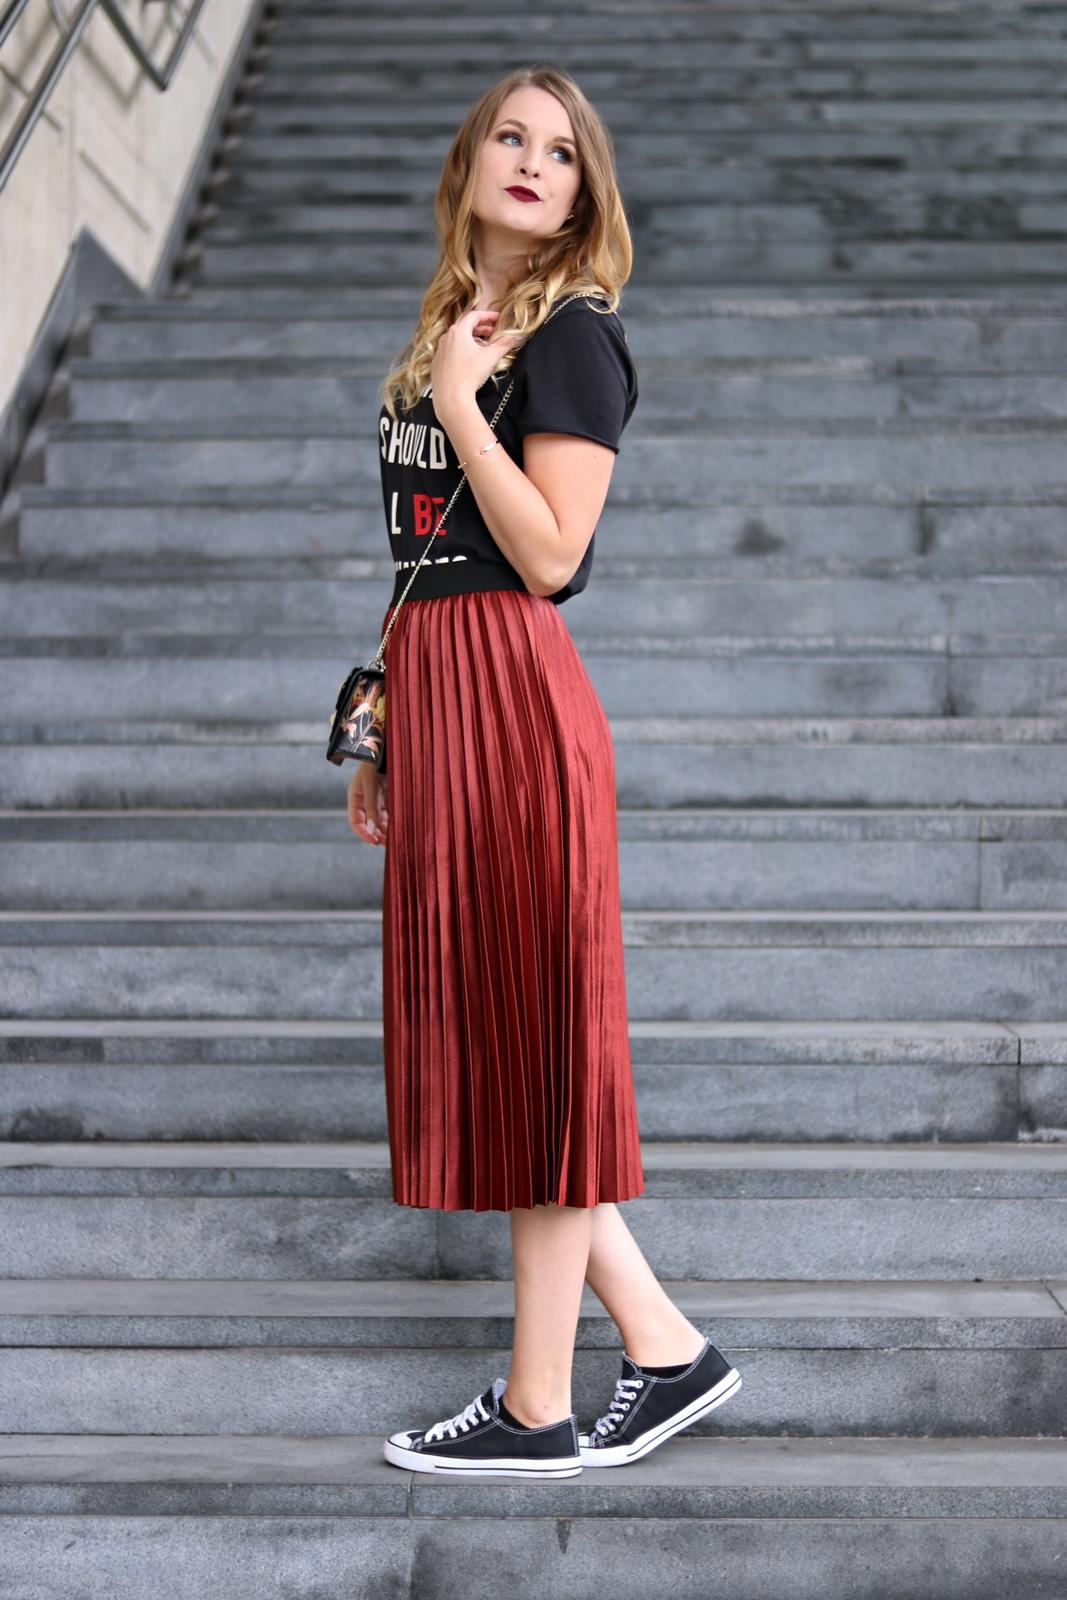 My Vienna Fashion Week Street Style Look - Fashion Week Outfit - Mode Look Style - Modeblog - Styleblog - Styling Ideen - Kombinationen - Rock und Shirt zu Sneakers und Cross Body Bag - Kleidung richtig kombinieren - Style Blog - Fashionladyloves by Tamara Wagner - Fashion Blog aus Graz Österreich - online Mode Magazin